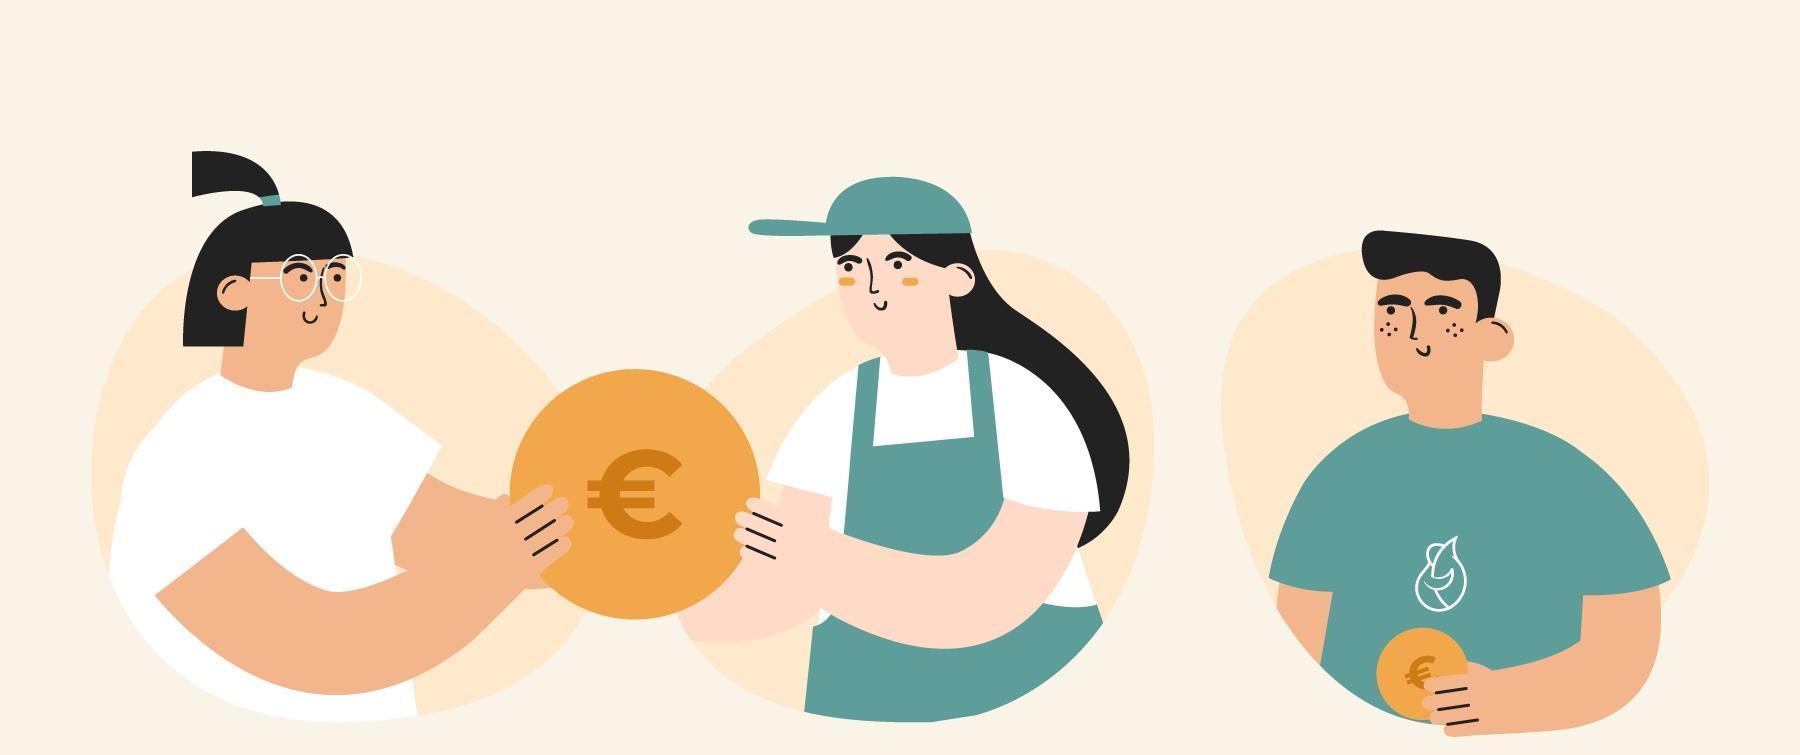 Eine Grafik mit drei Personen (Endverbraucher und Landwirt) mit einer Münze in der Hand